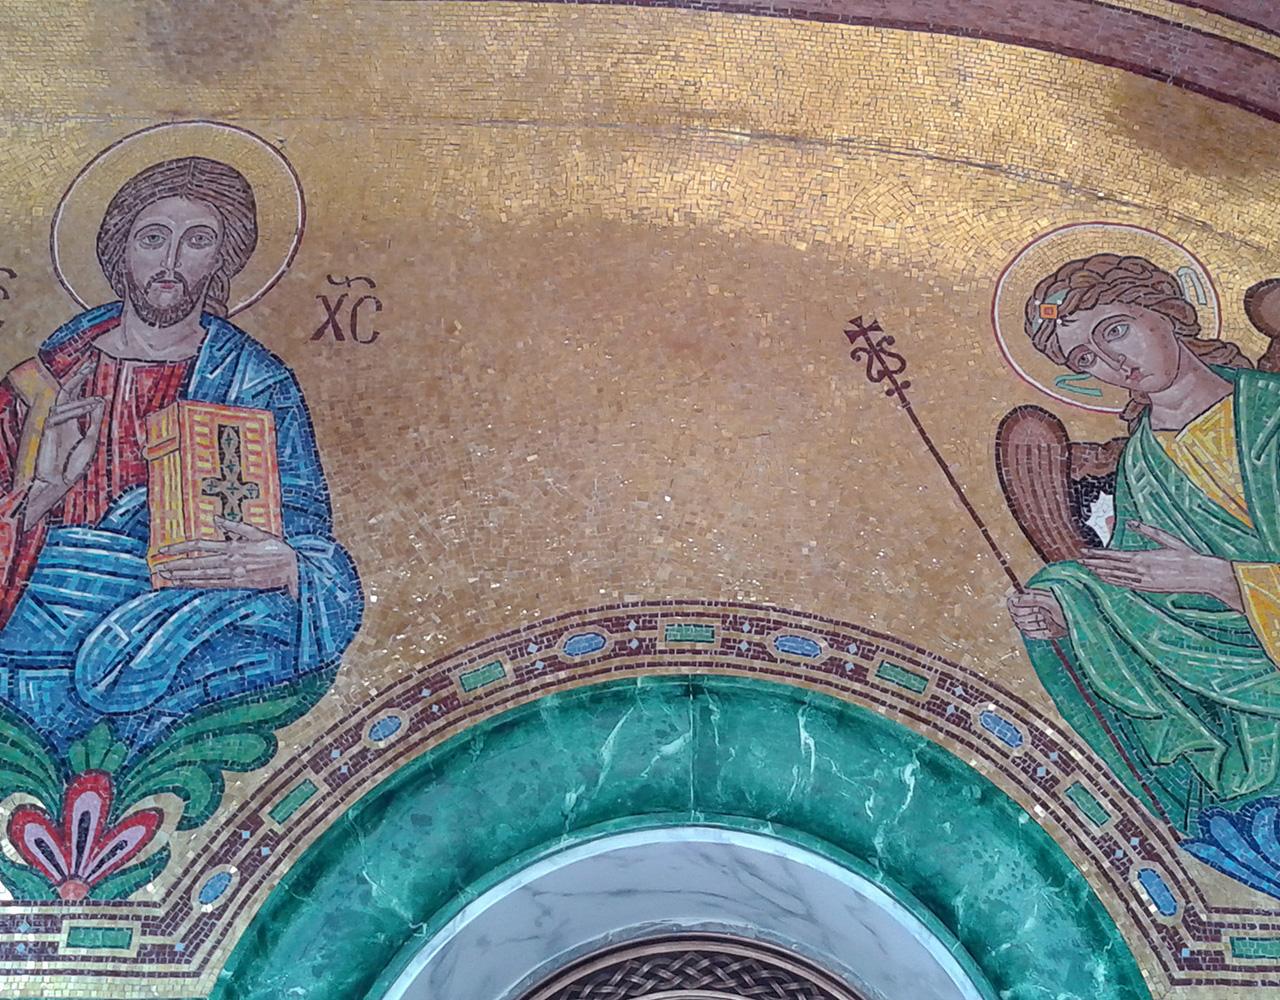 rivestimento in mosaico d'oro e smalti per l'androne di Santa Sofia